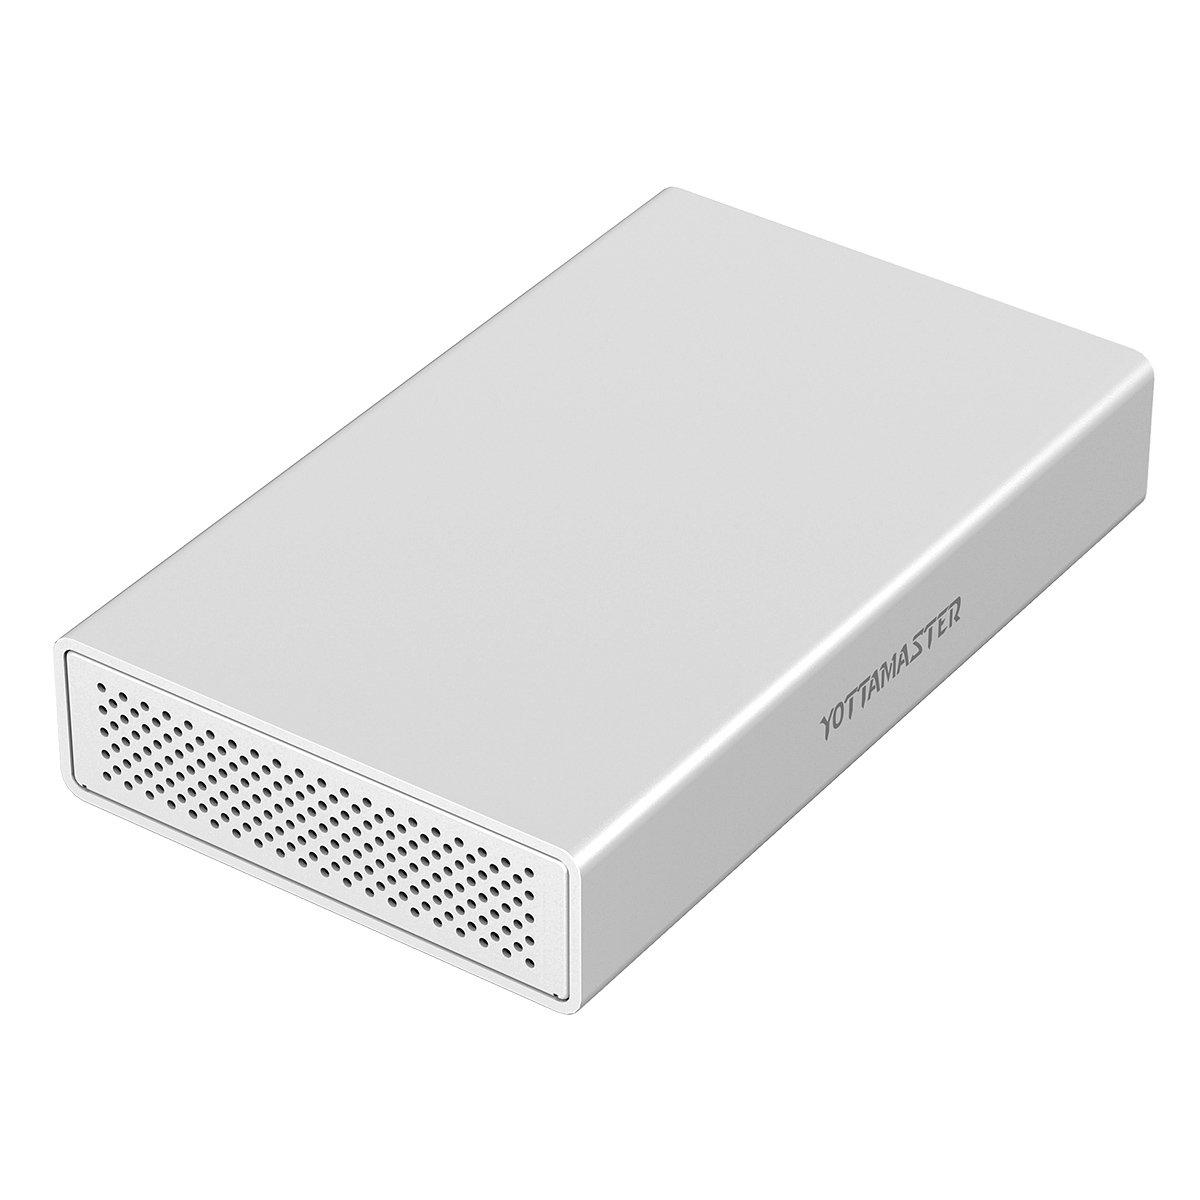 [アルミニウム] Yottamaster 4TBポータブル外付けハードドライブ、USB3.1 Gen2 10Gbps高速転送テクノロジタイプCポートBT400   B074WLBKD9